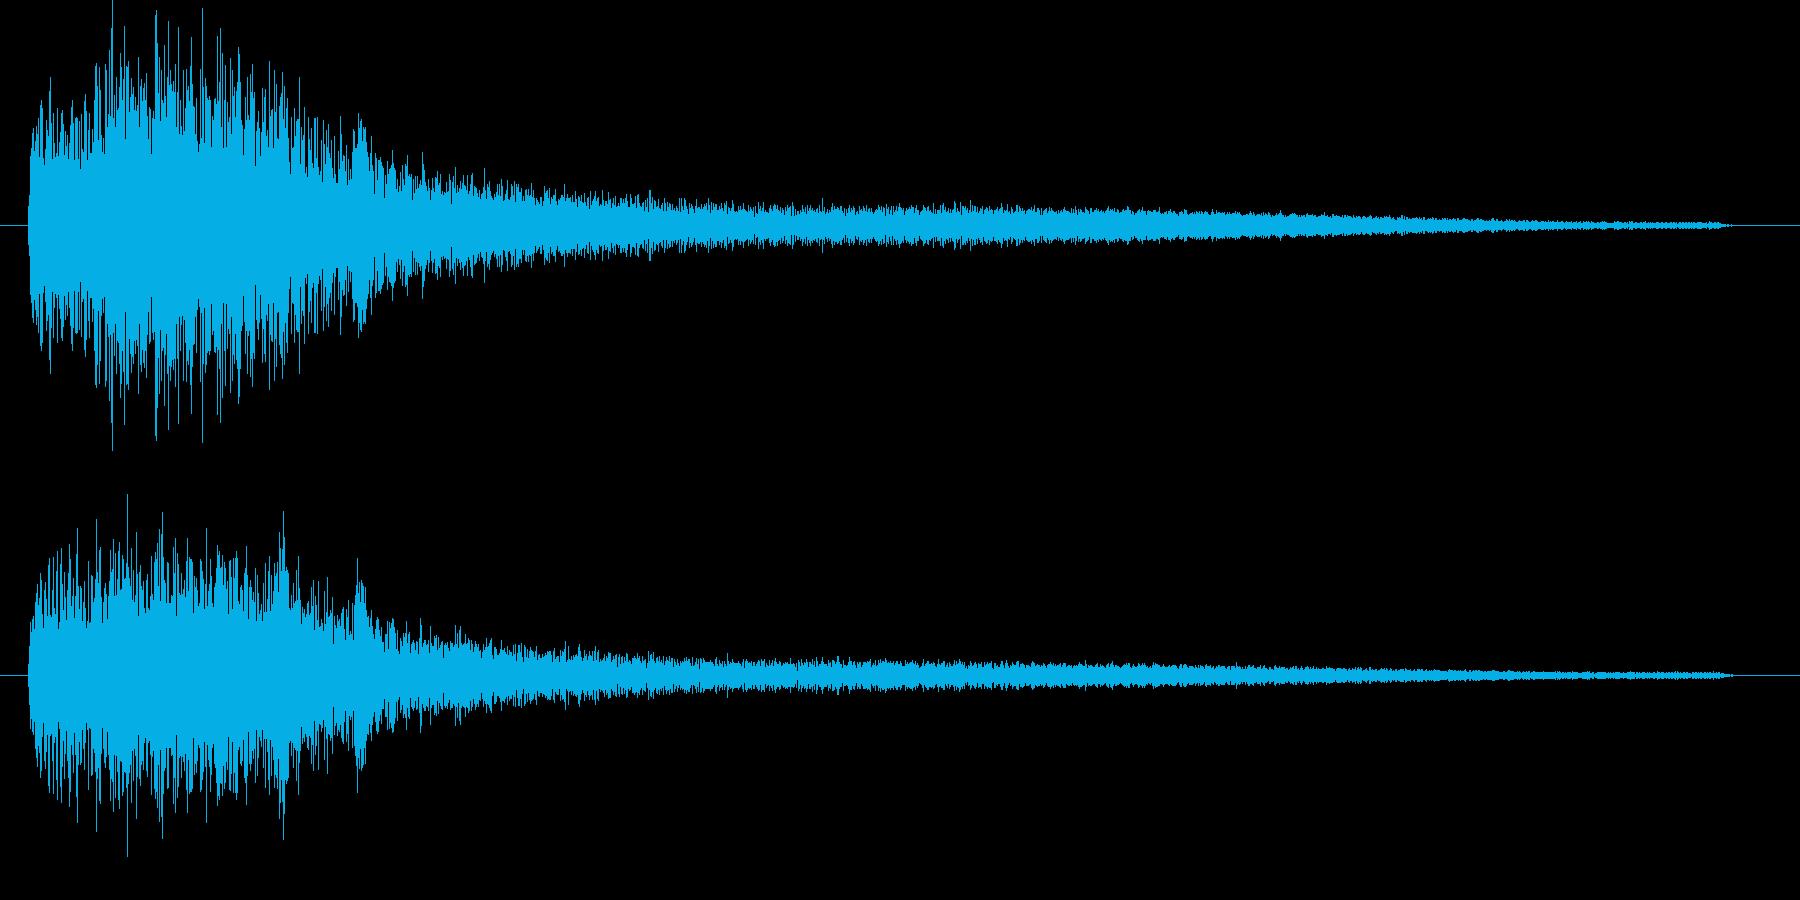 ブラックな音 波紋のような音 ピアノ音の再生済みの波形